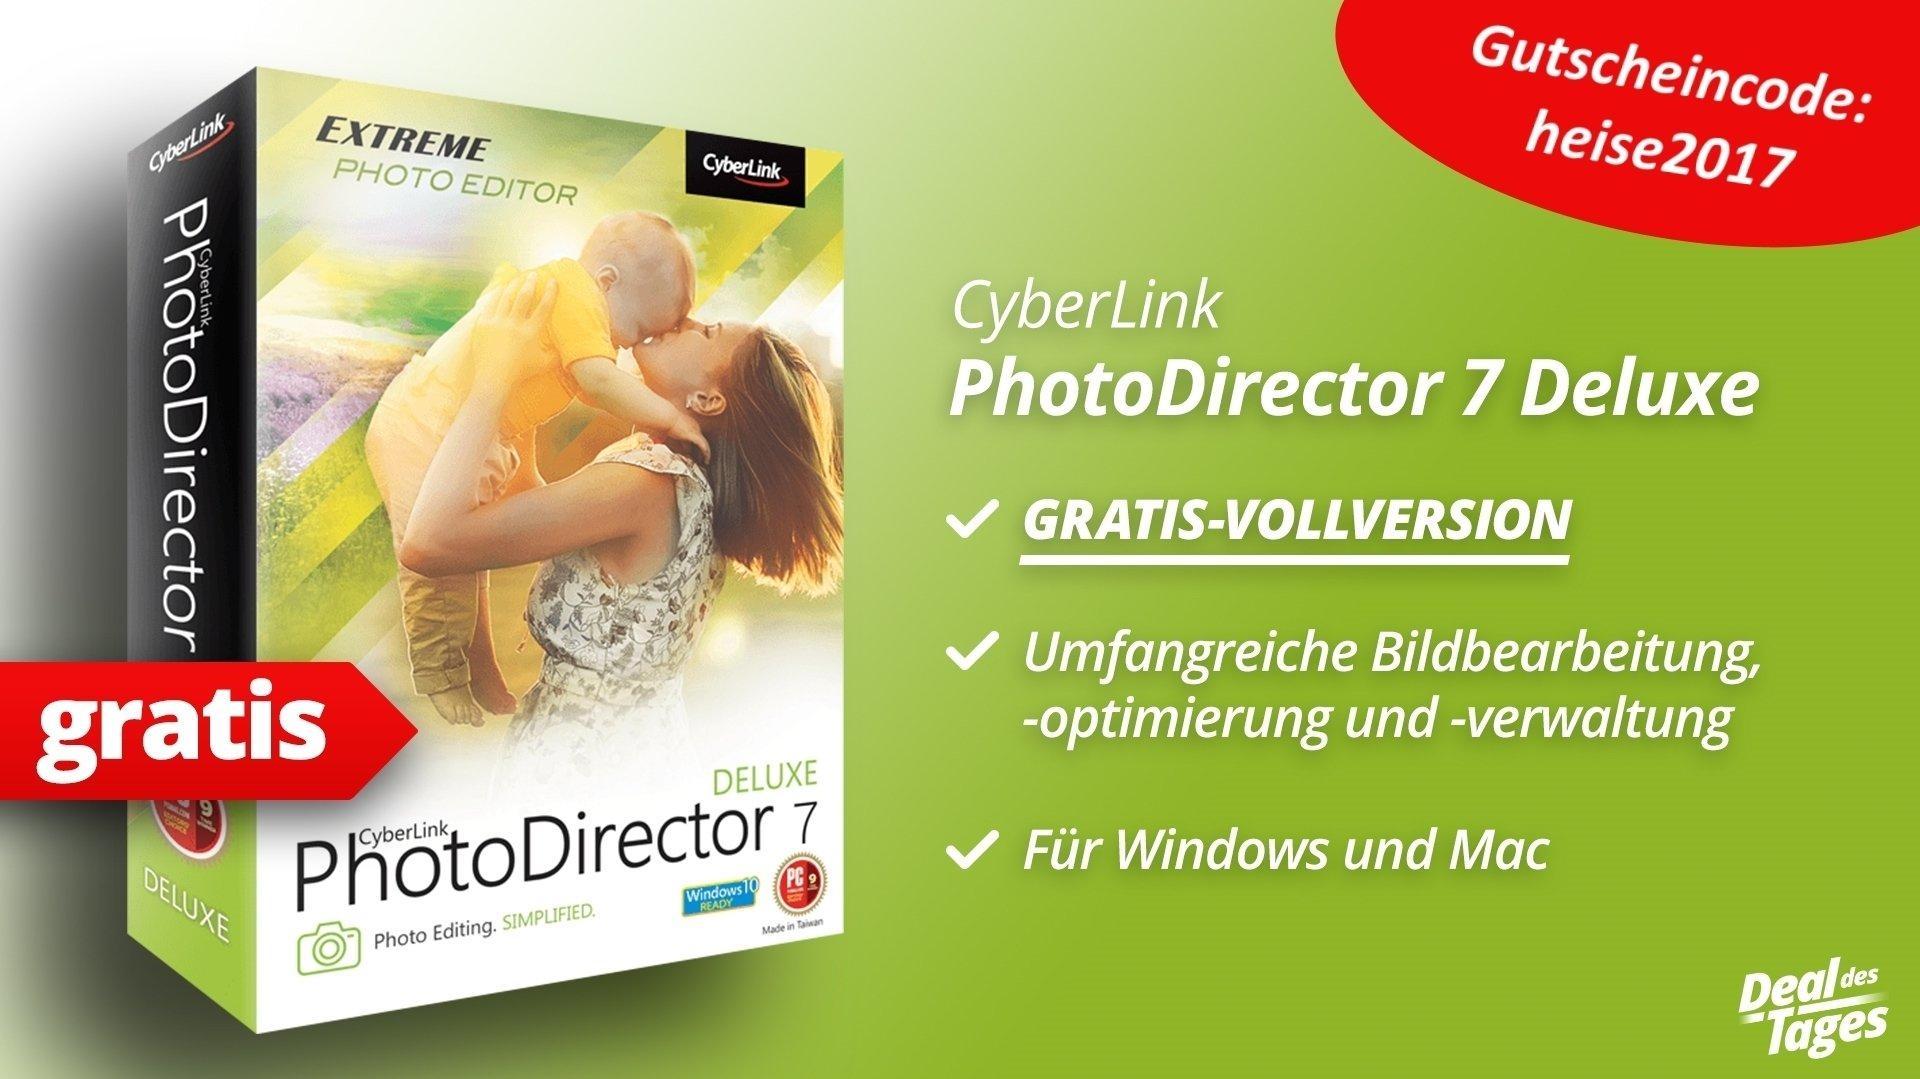 Heute im Angebot: Gratis-Vollversion von PhotoDirector 7 Deluxe